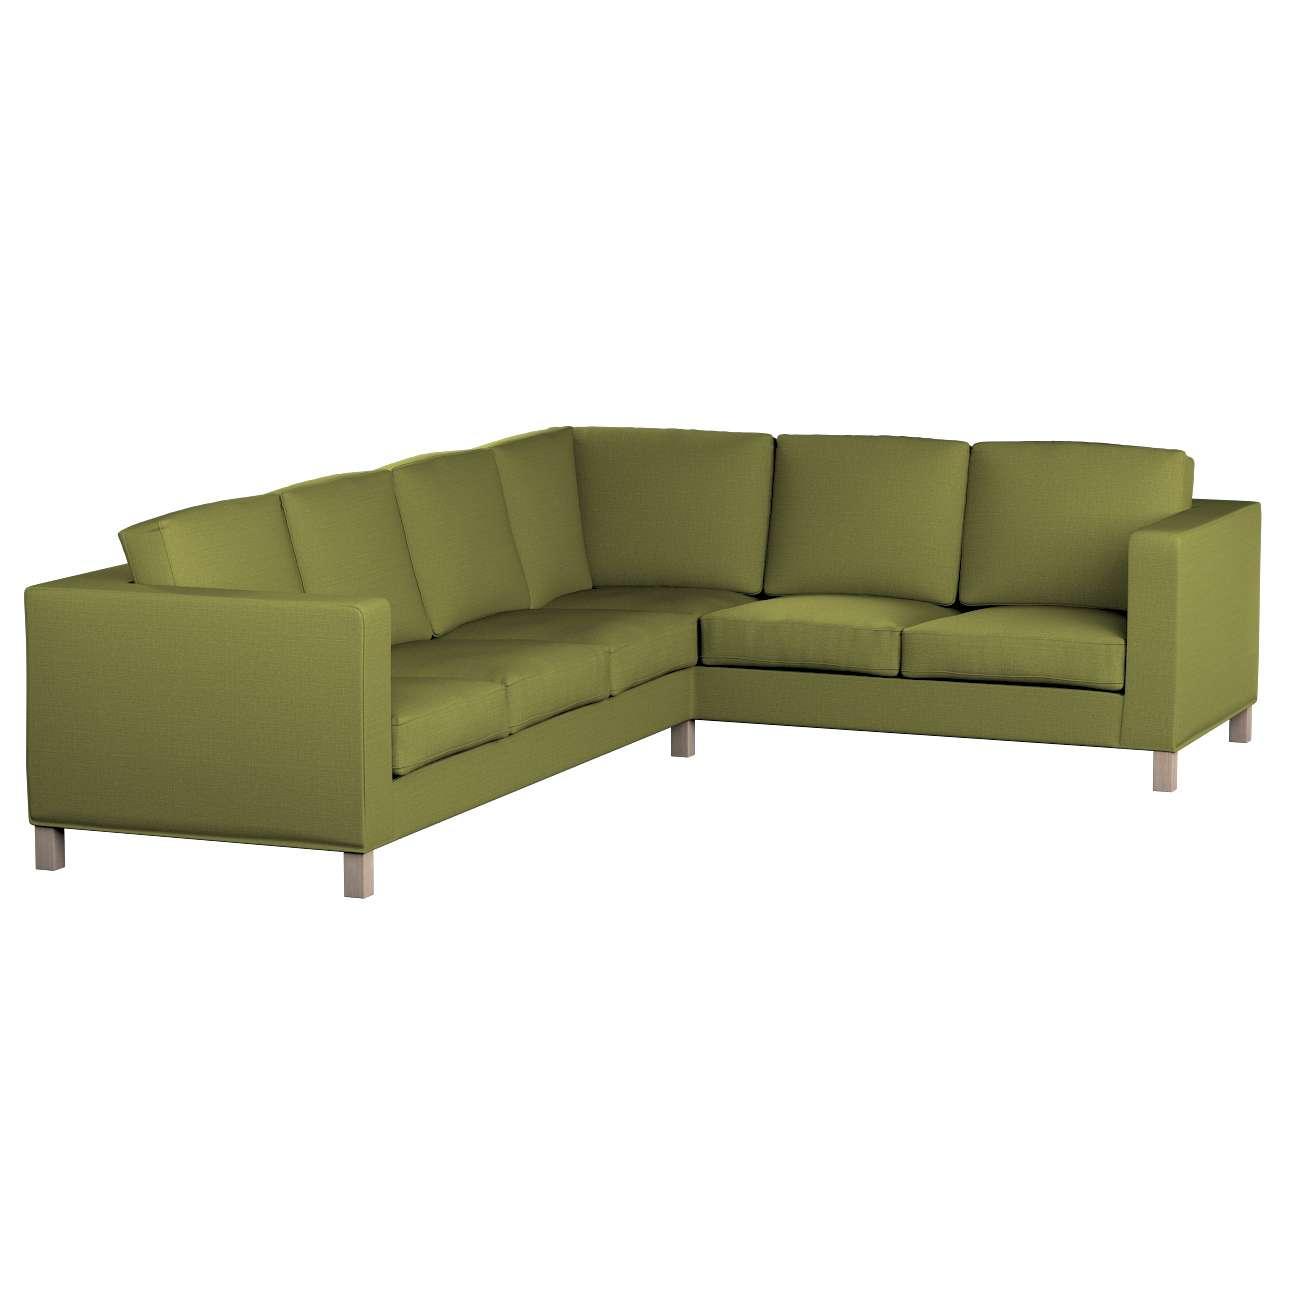 Pokrowiec na sofę narożną lewostronną Karlanda w kolekcji Living, tkanina: 161-13